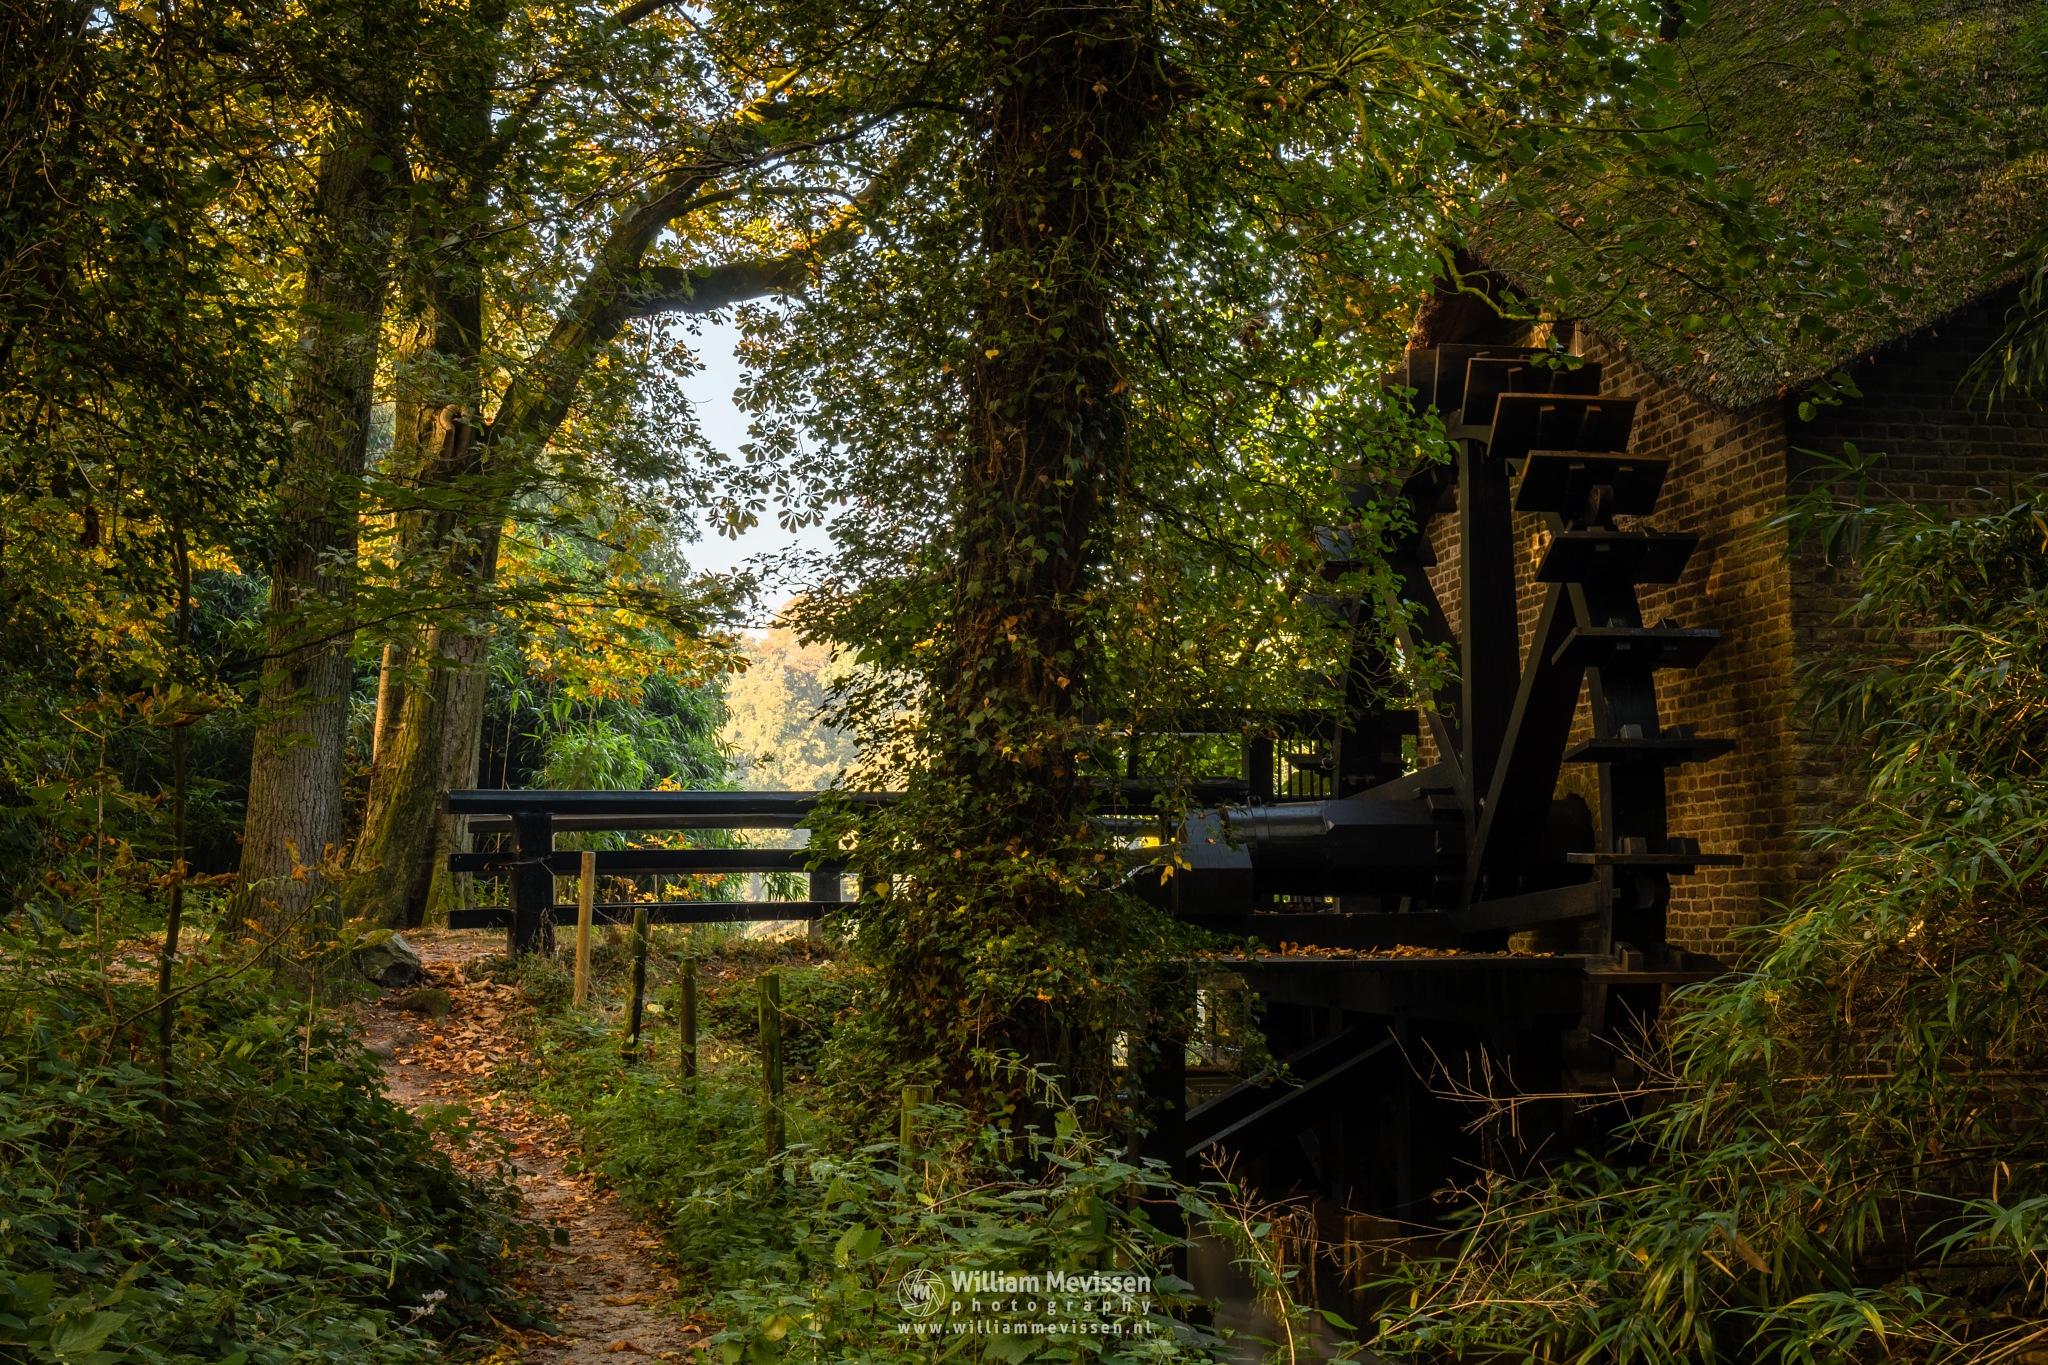 Watermill by William Mevissen